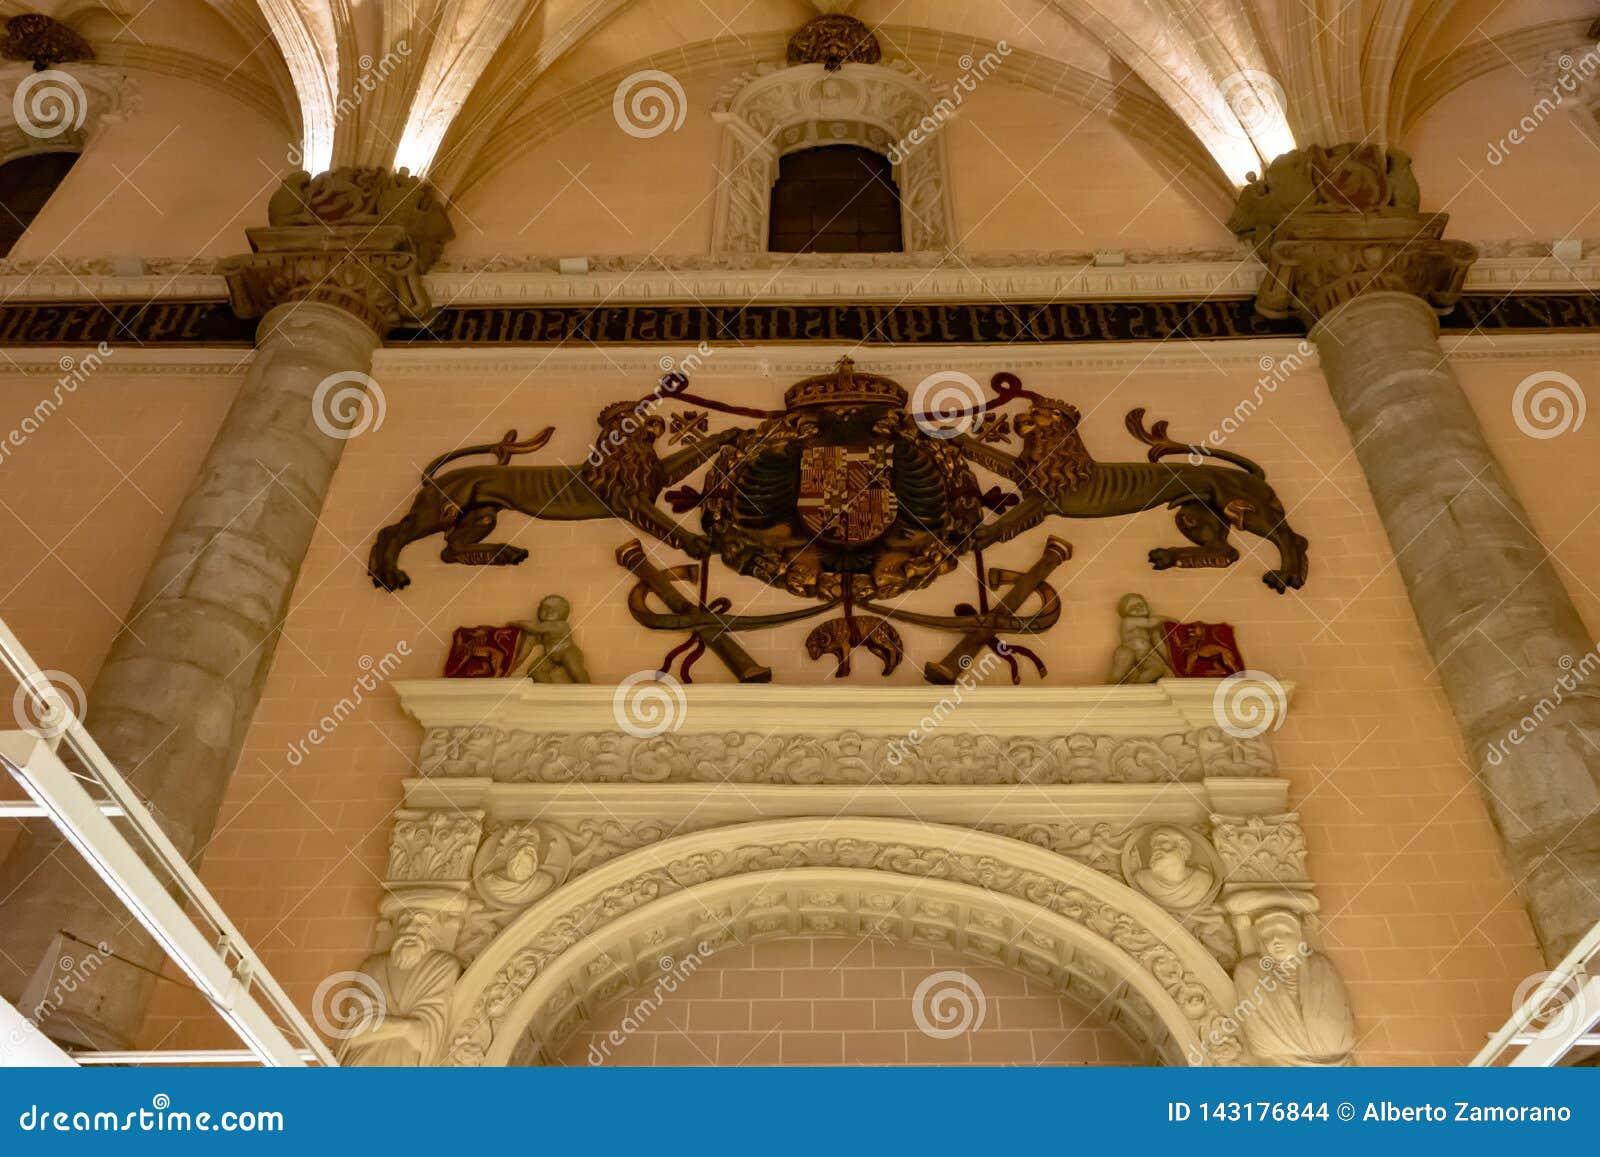 La洛尼亚河展览馆在萨瓦格萨,西班牙